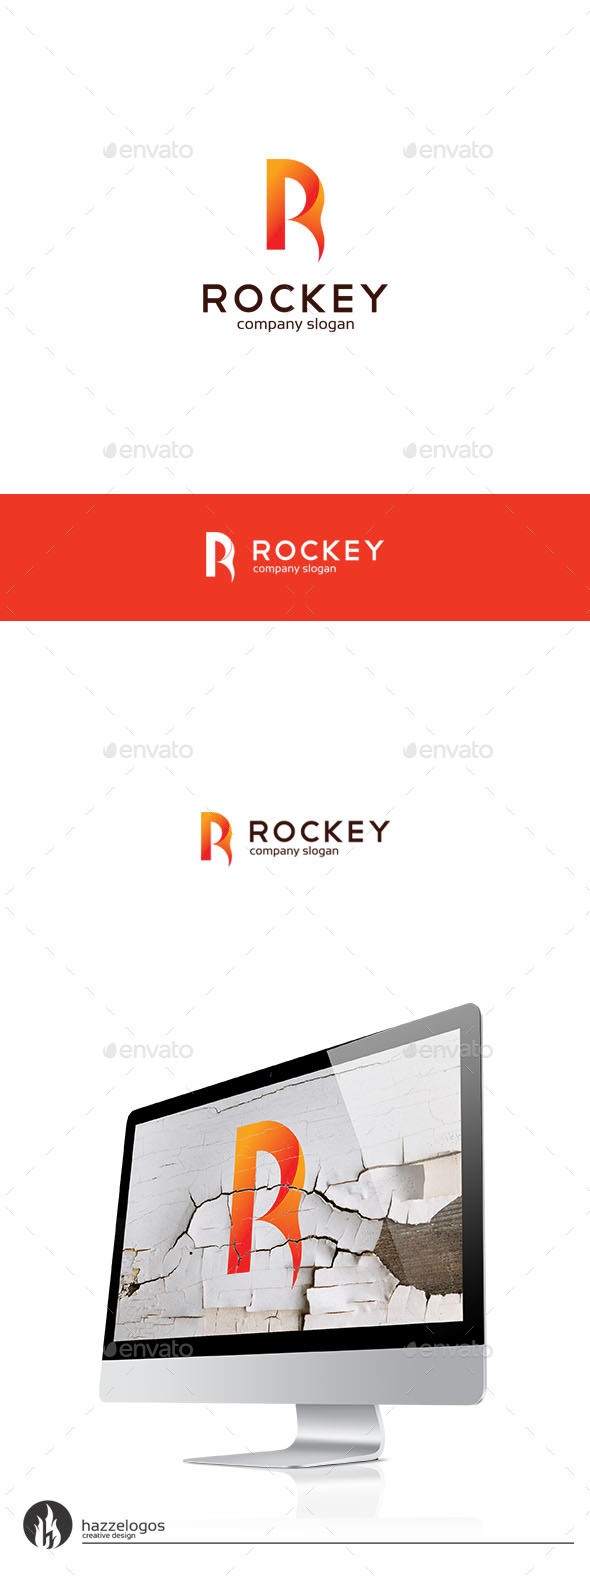 Rockey Logo